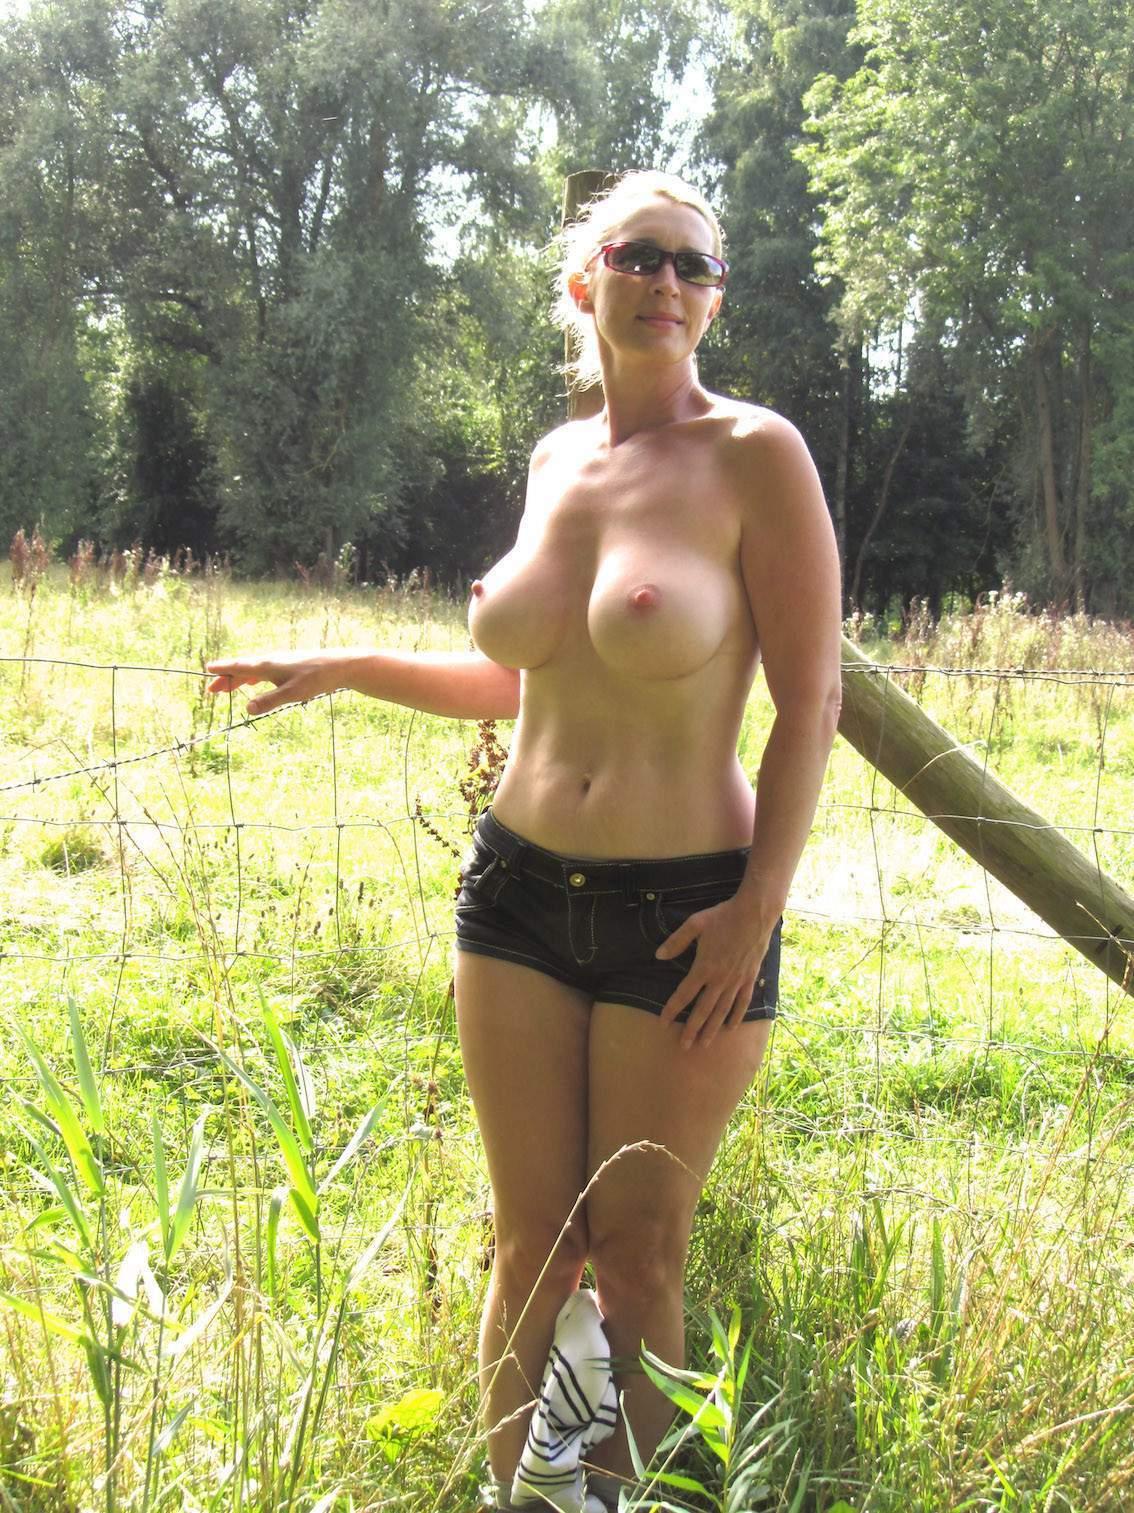 http://img24.rajce.idnes.cz/d2402/13/13133/13133717_9c6391c5702f90347cd7f2ea12218ba5/images/179.jpg